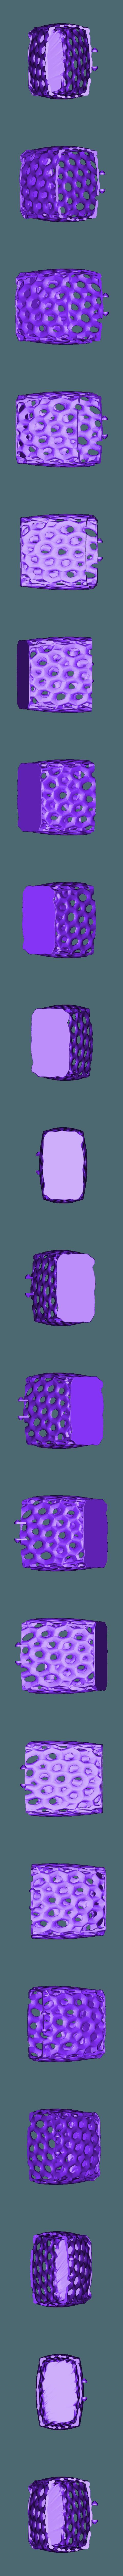 3d-fabric-jean-pierre_voronoi-box-bas.stl Download STL file The Voronoï Box • 3D printable model, 3d-fabric-jean-pierre